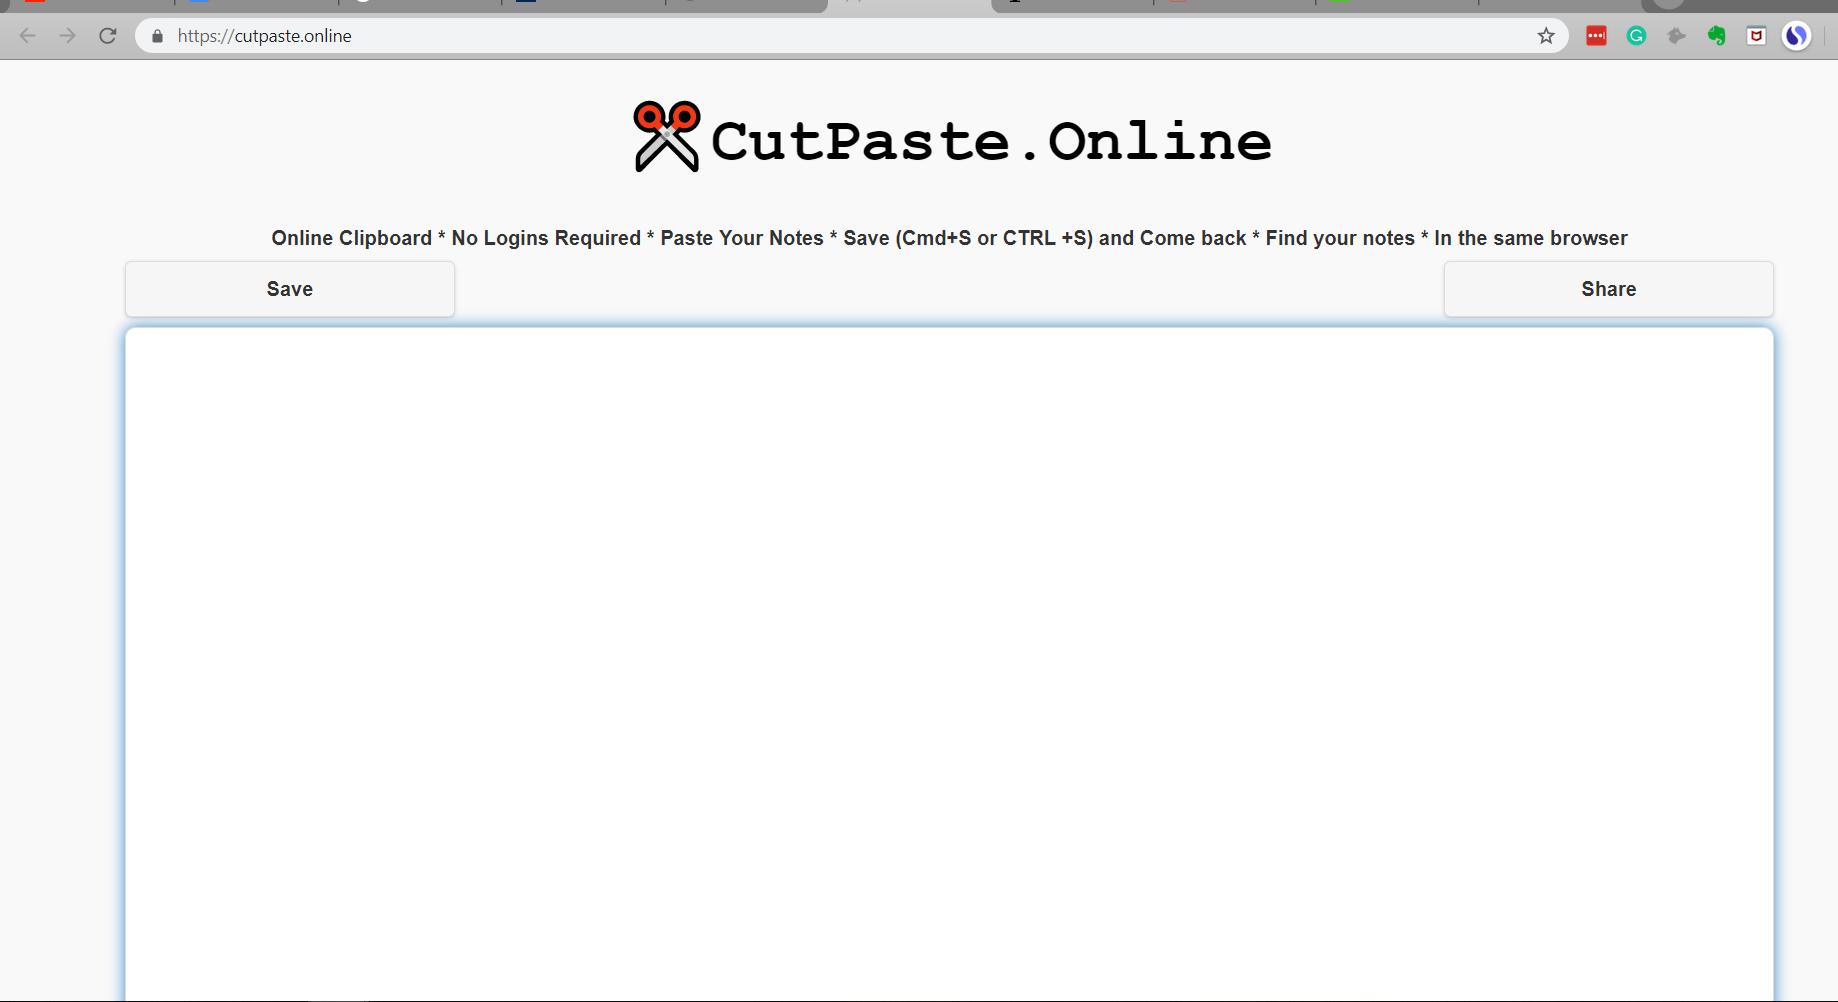 CutPaste